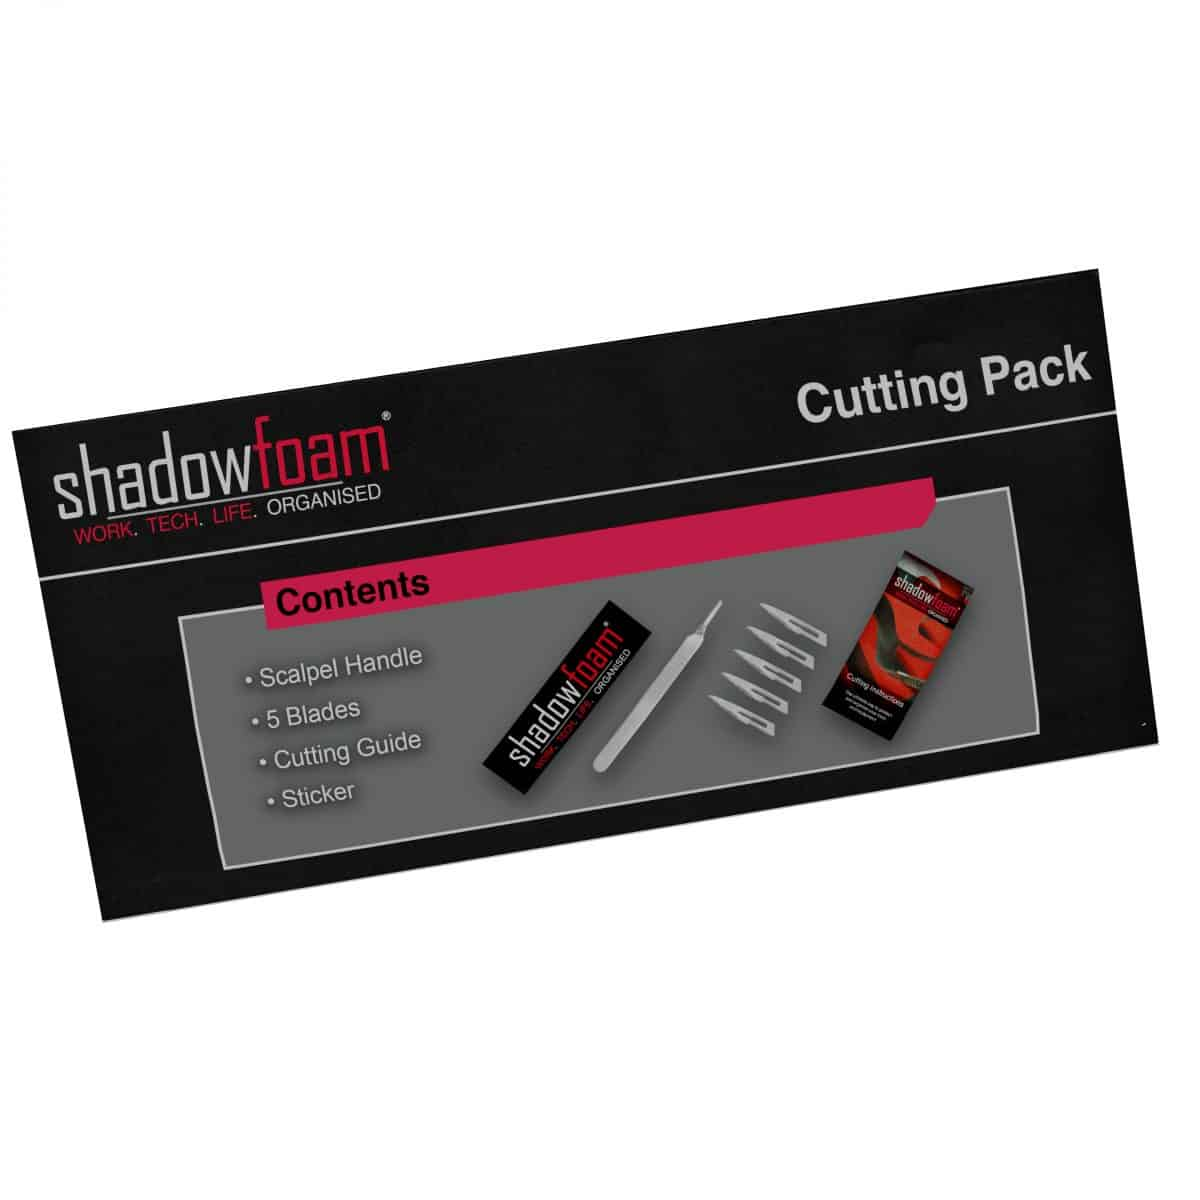 Shadow Foam cutting pack